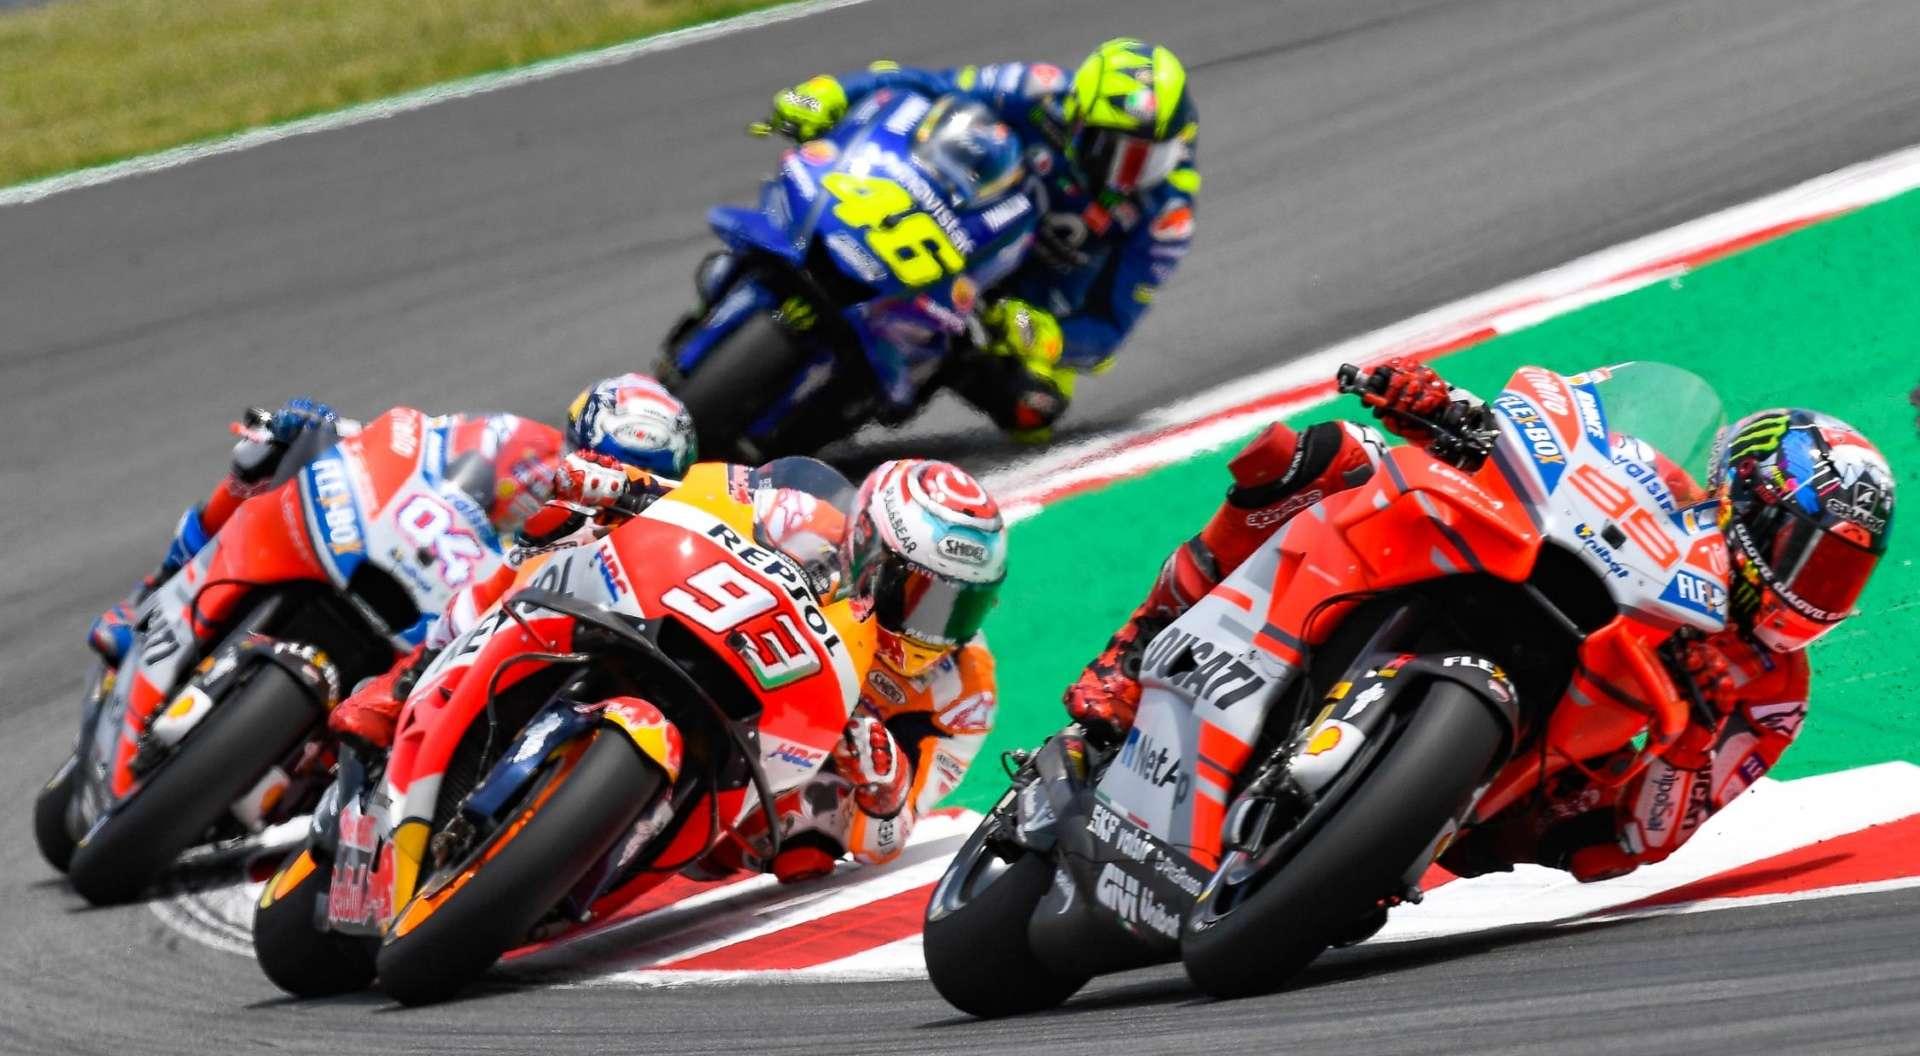 MotoGP 2019: Предварительный календарь соревнований